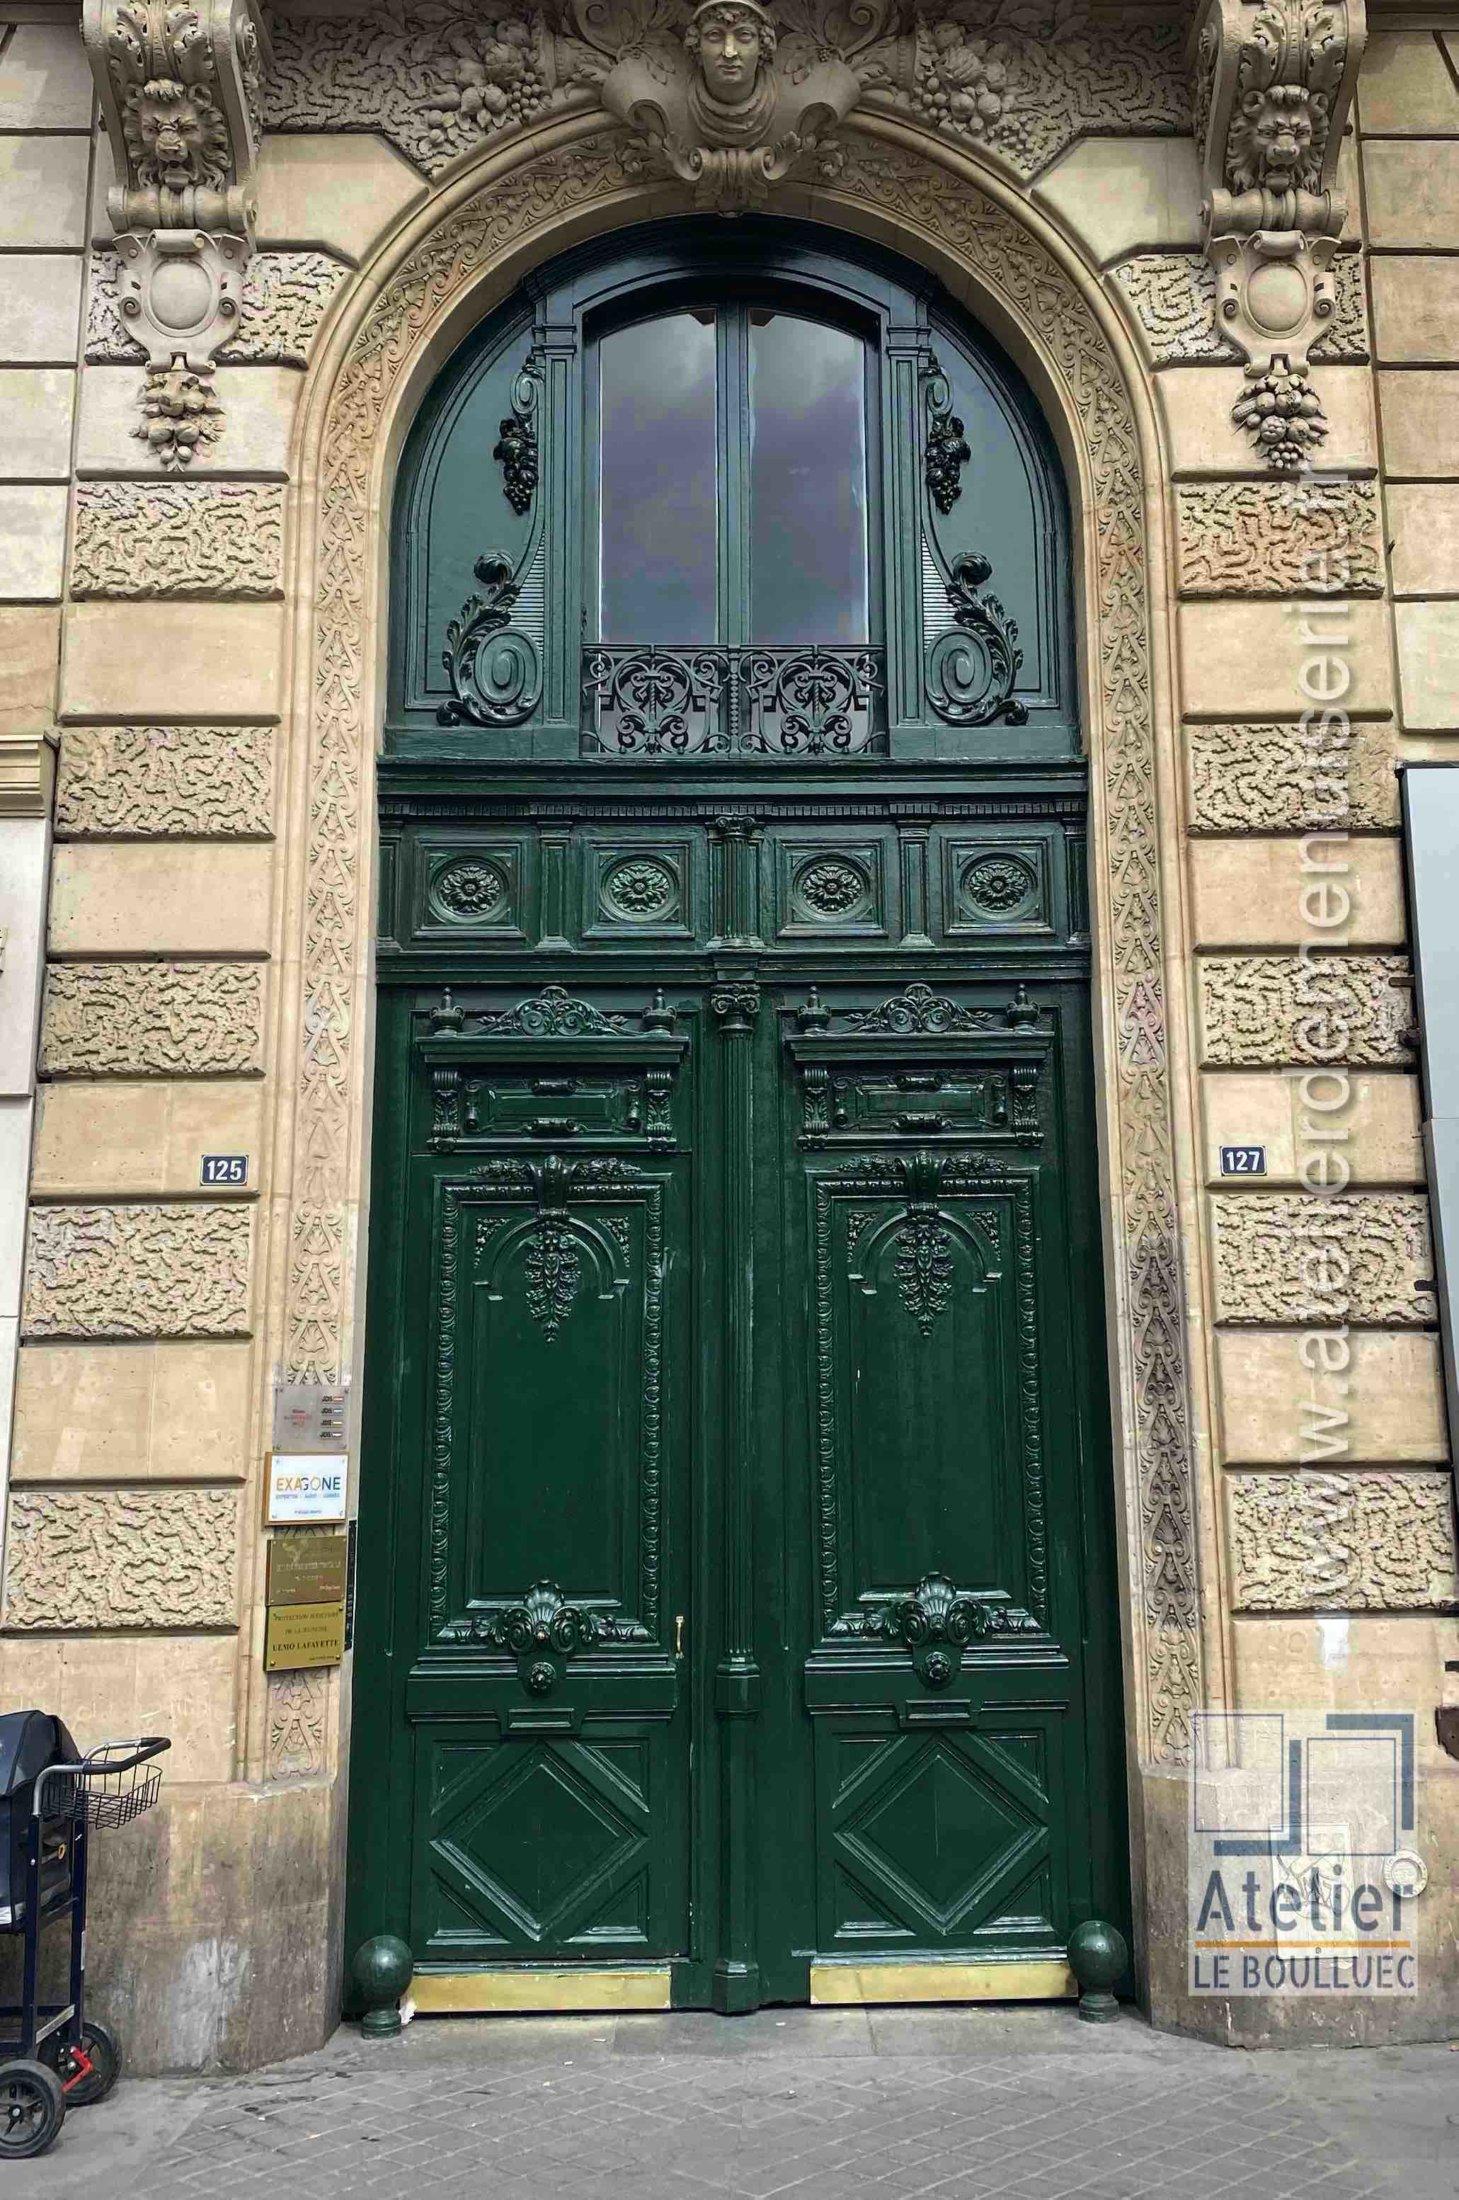 Porte Cochère - 125 RUE LA FAYETTE PARIS 10